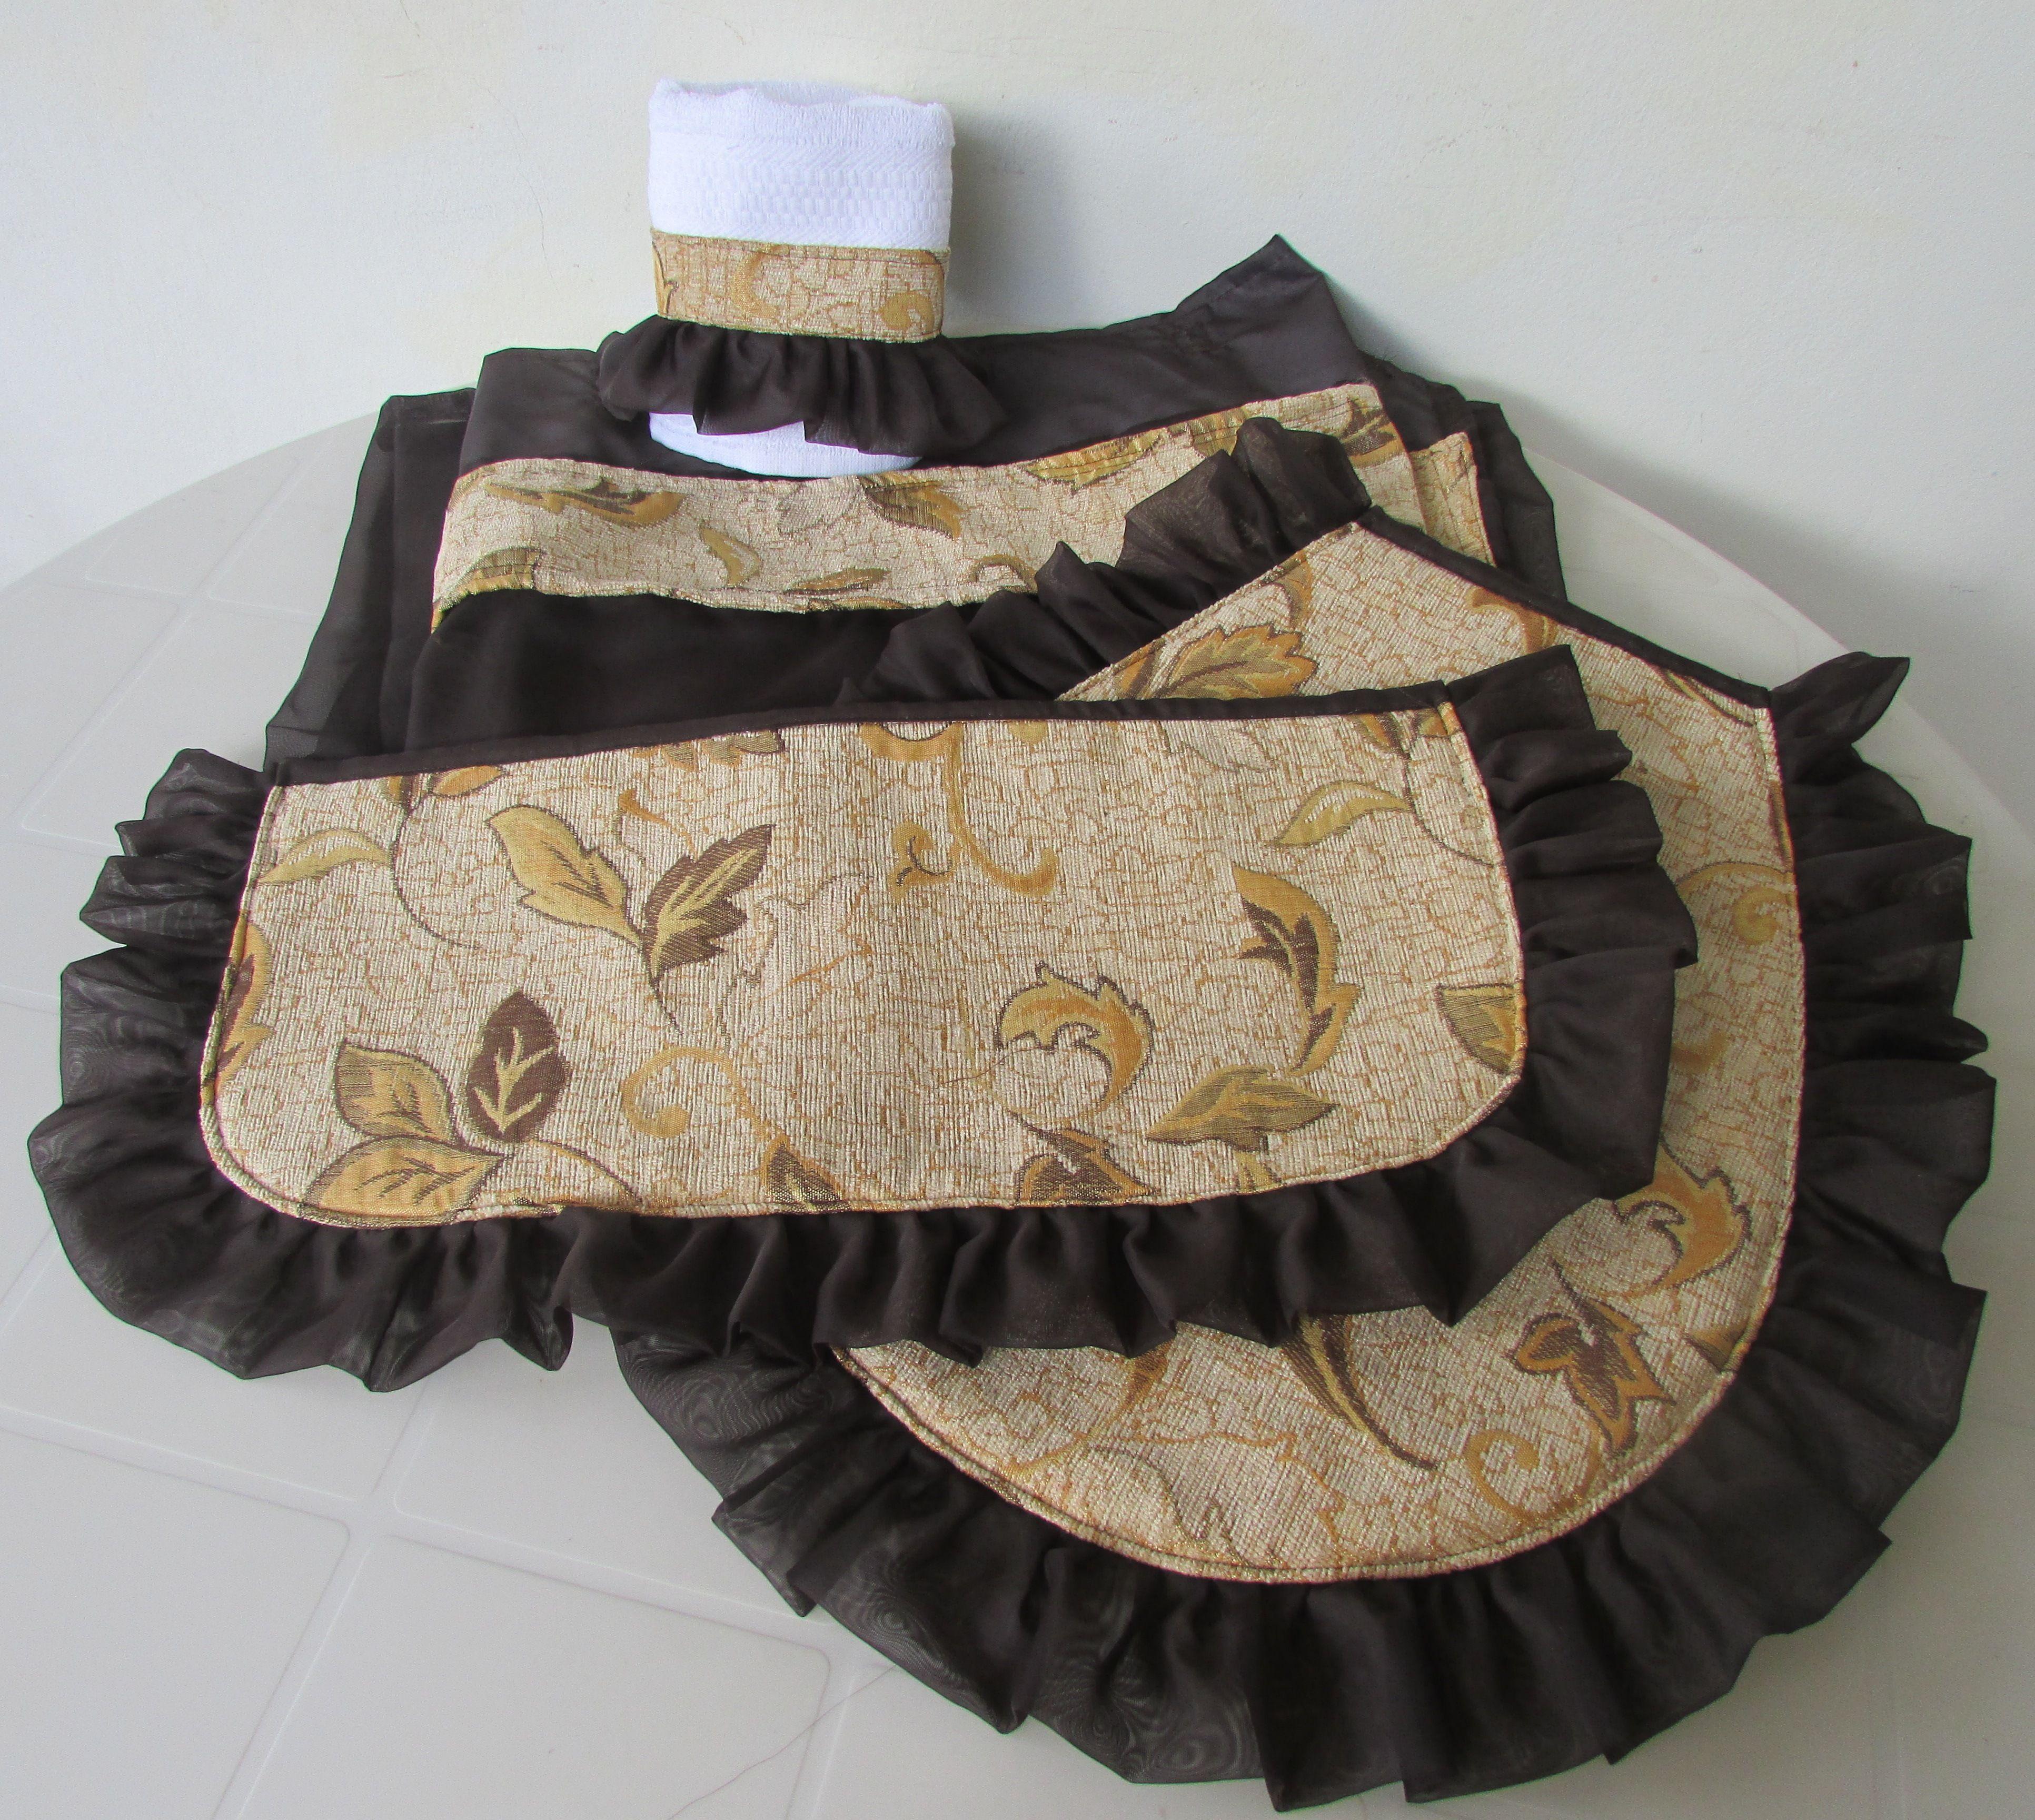 Juego De Bano Marron Chocolate Sewing Bags Duffle